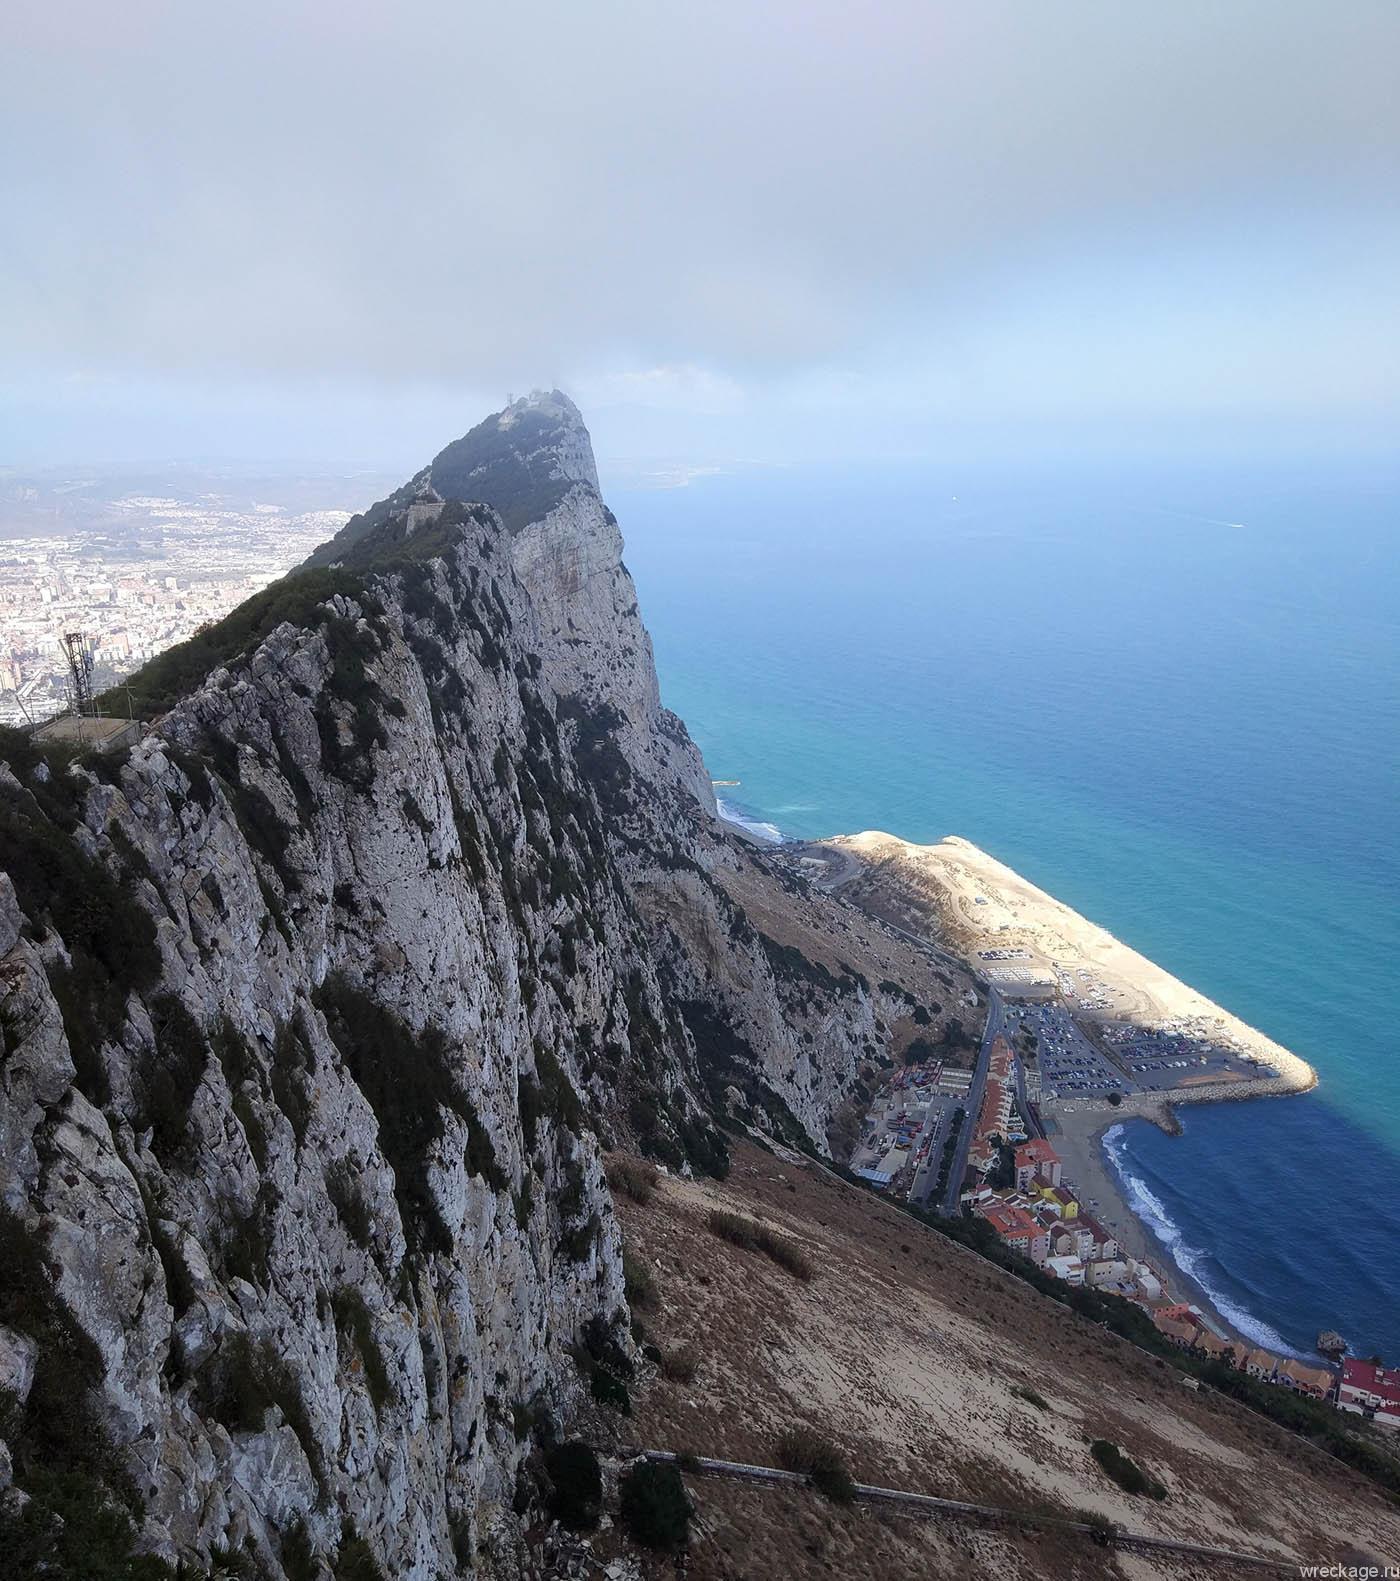 Скала Гибралтар и главная её особенность – Обезьяны